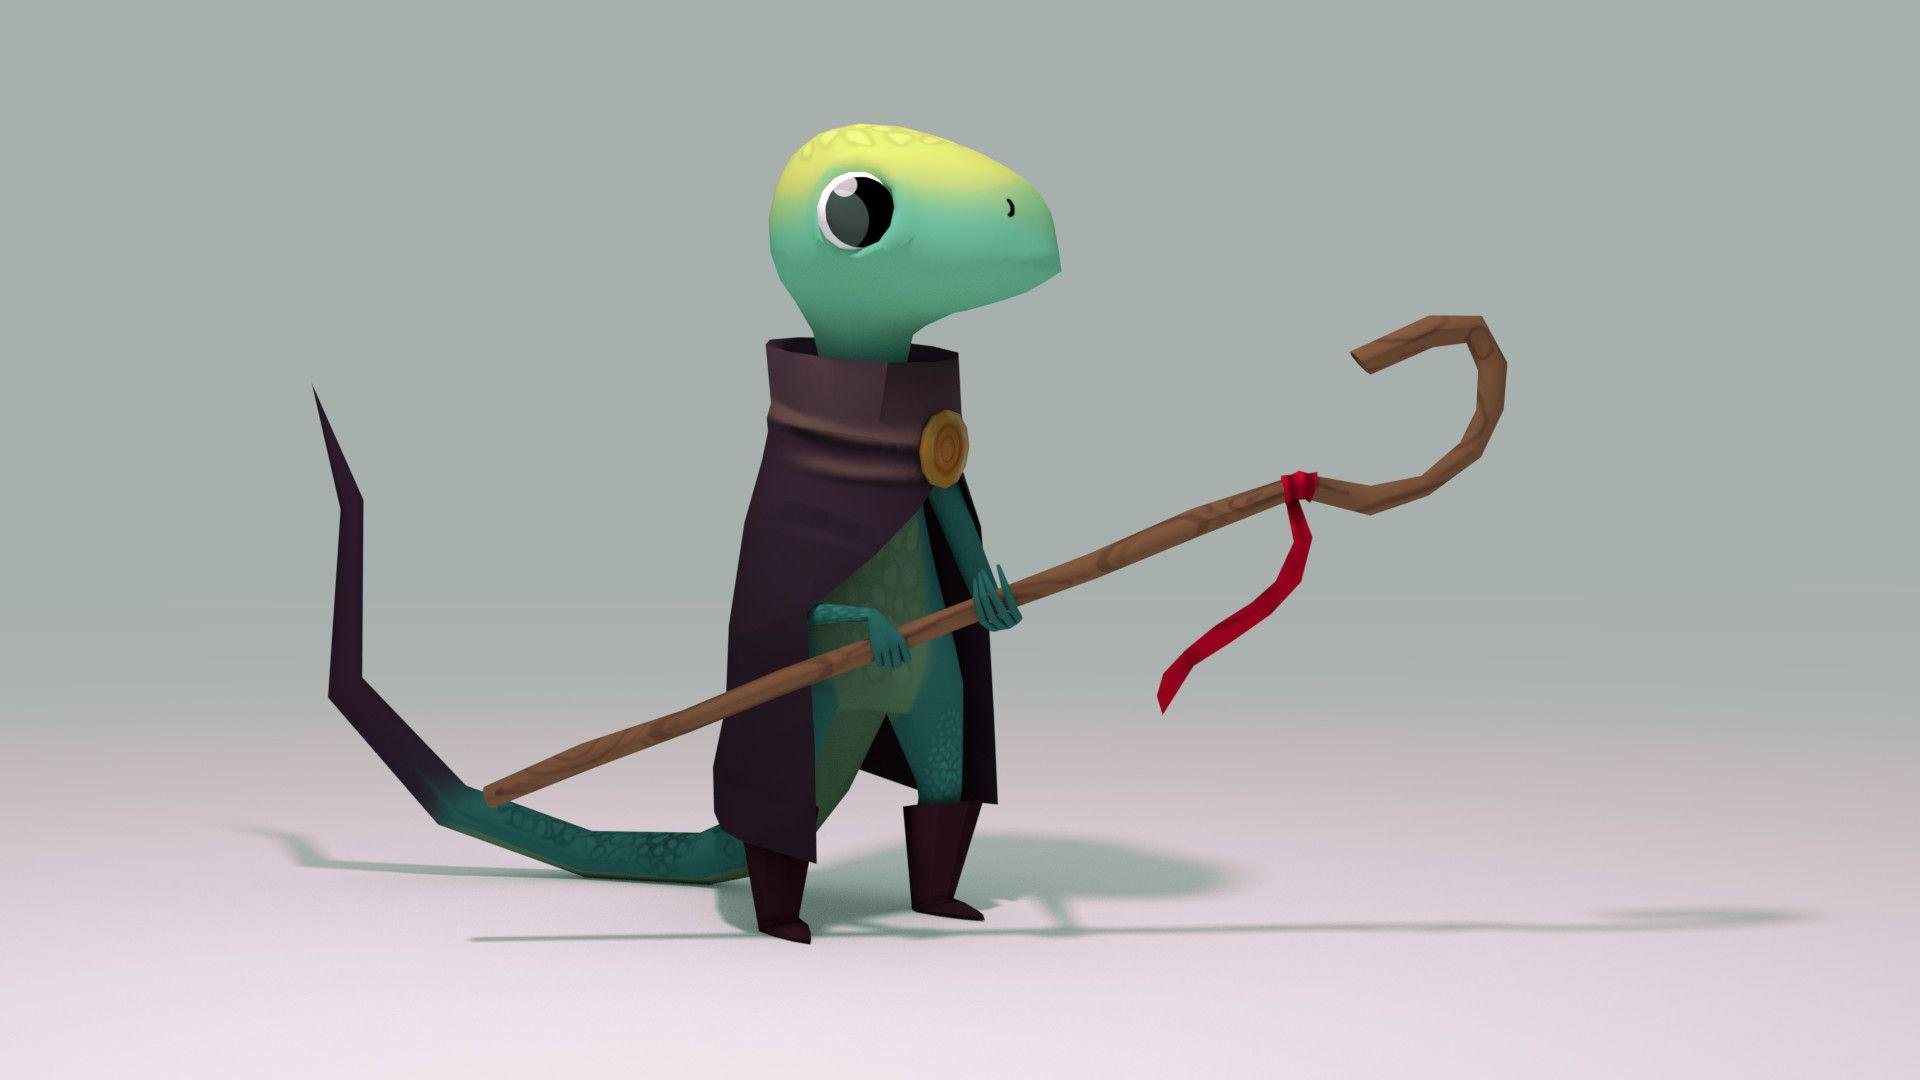 Fantasy Lizard Art Cute